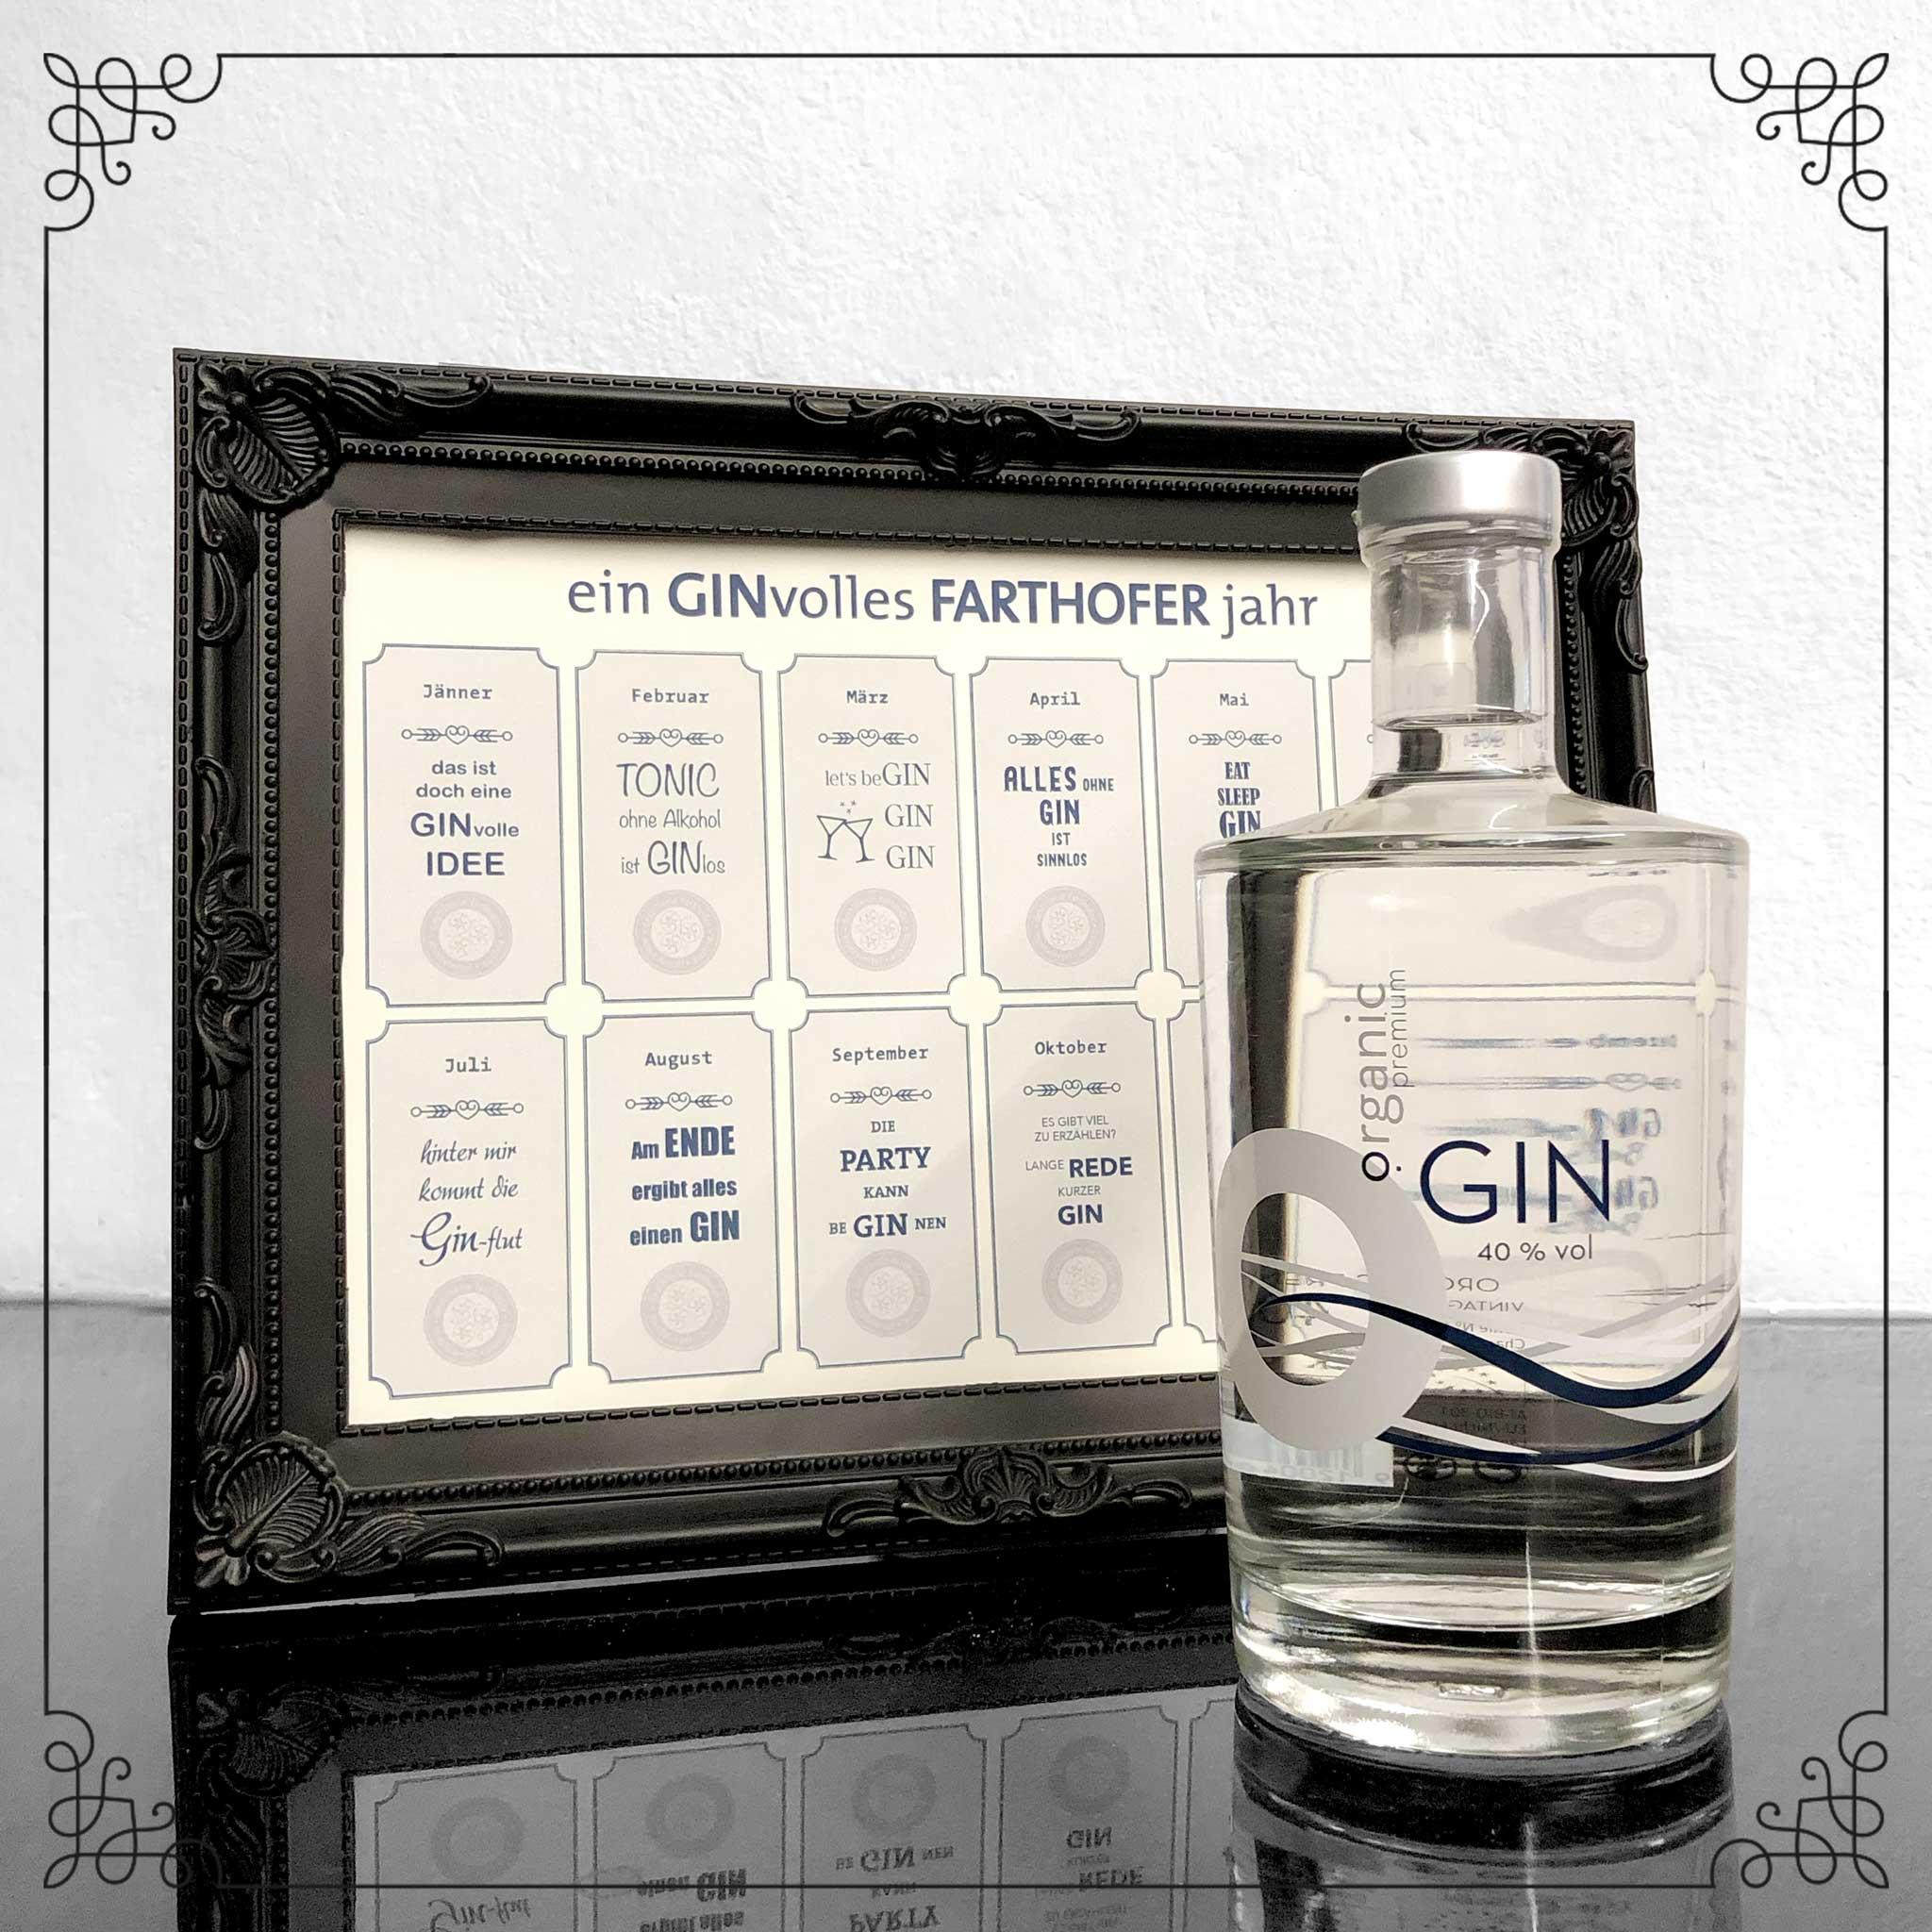 Geschenkset GINvolles Jahr - Destillerie Farthofer